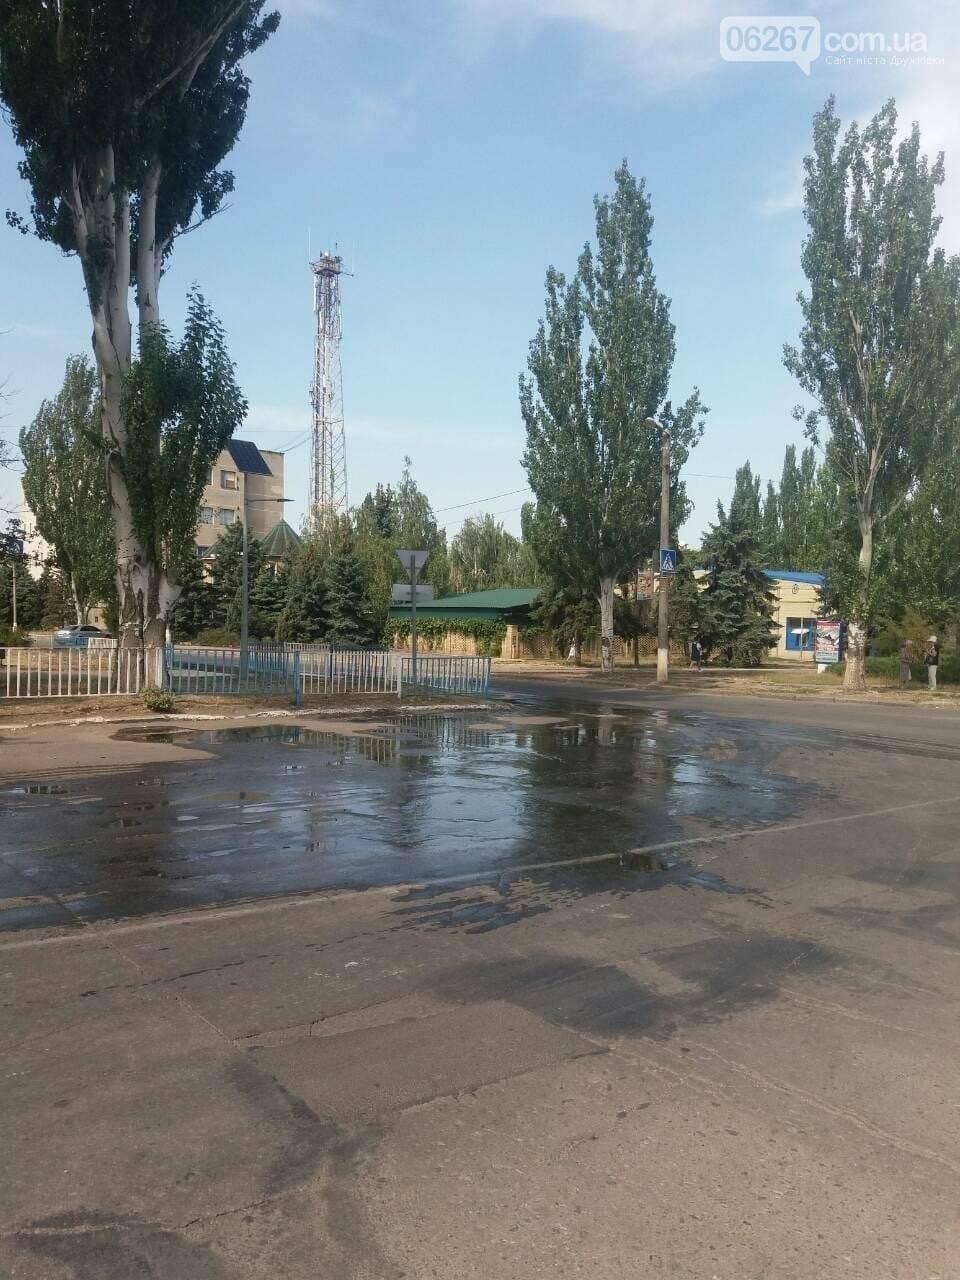 Дружківка: Воду сьогодні відключено через аварію на перехресті вулиць Космонавтів та Енгельса, фото-3